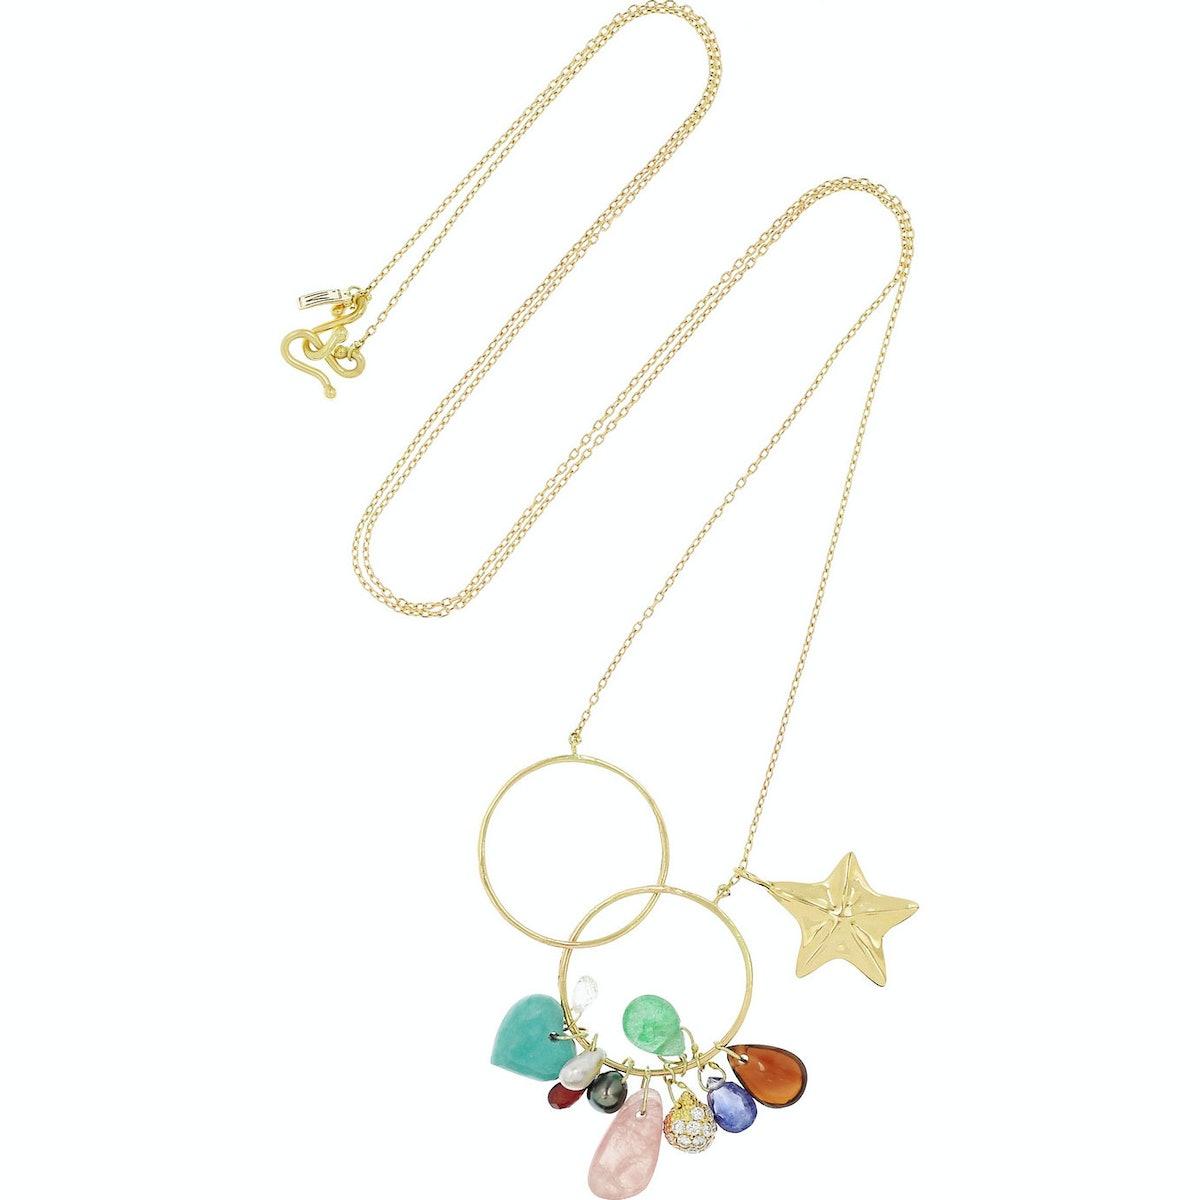 Inez and Vinoodh necklace